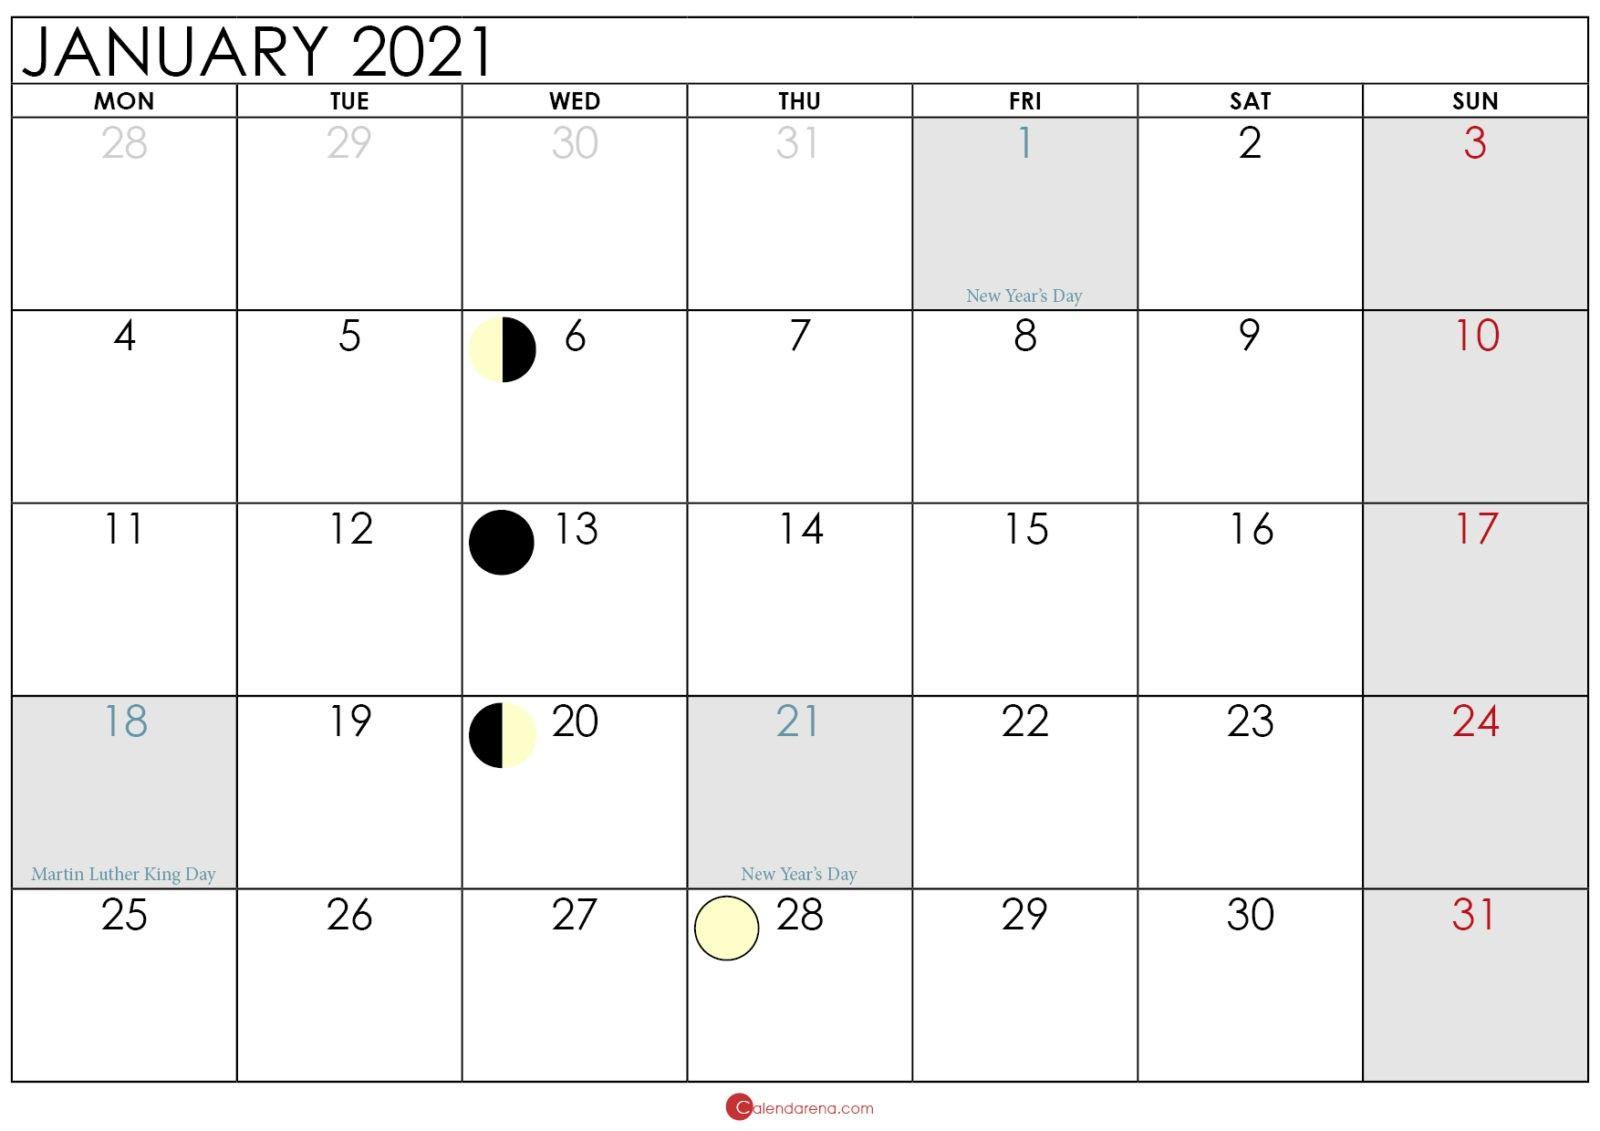 Full Moon Phases For January 2021 Lunar Calendar - New ...